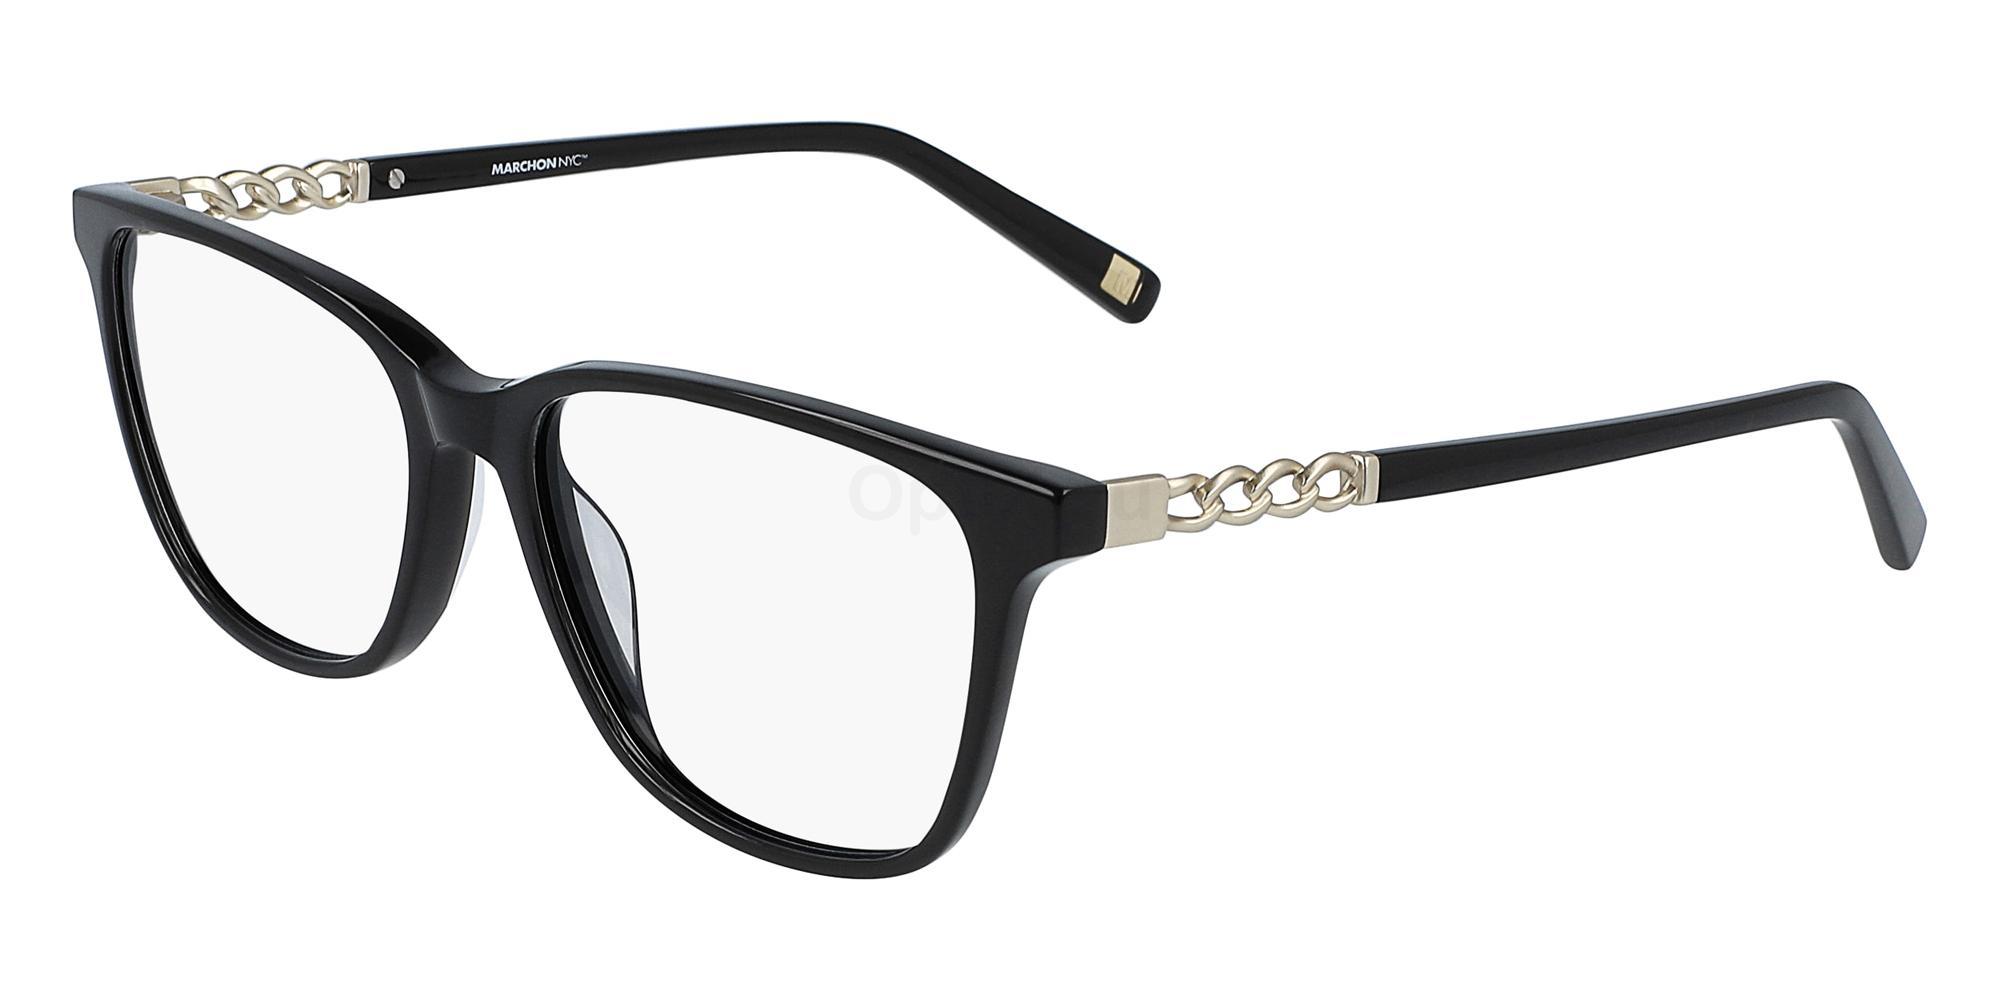 001 M-5008 Glasses, Marchon